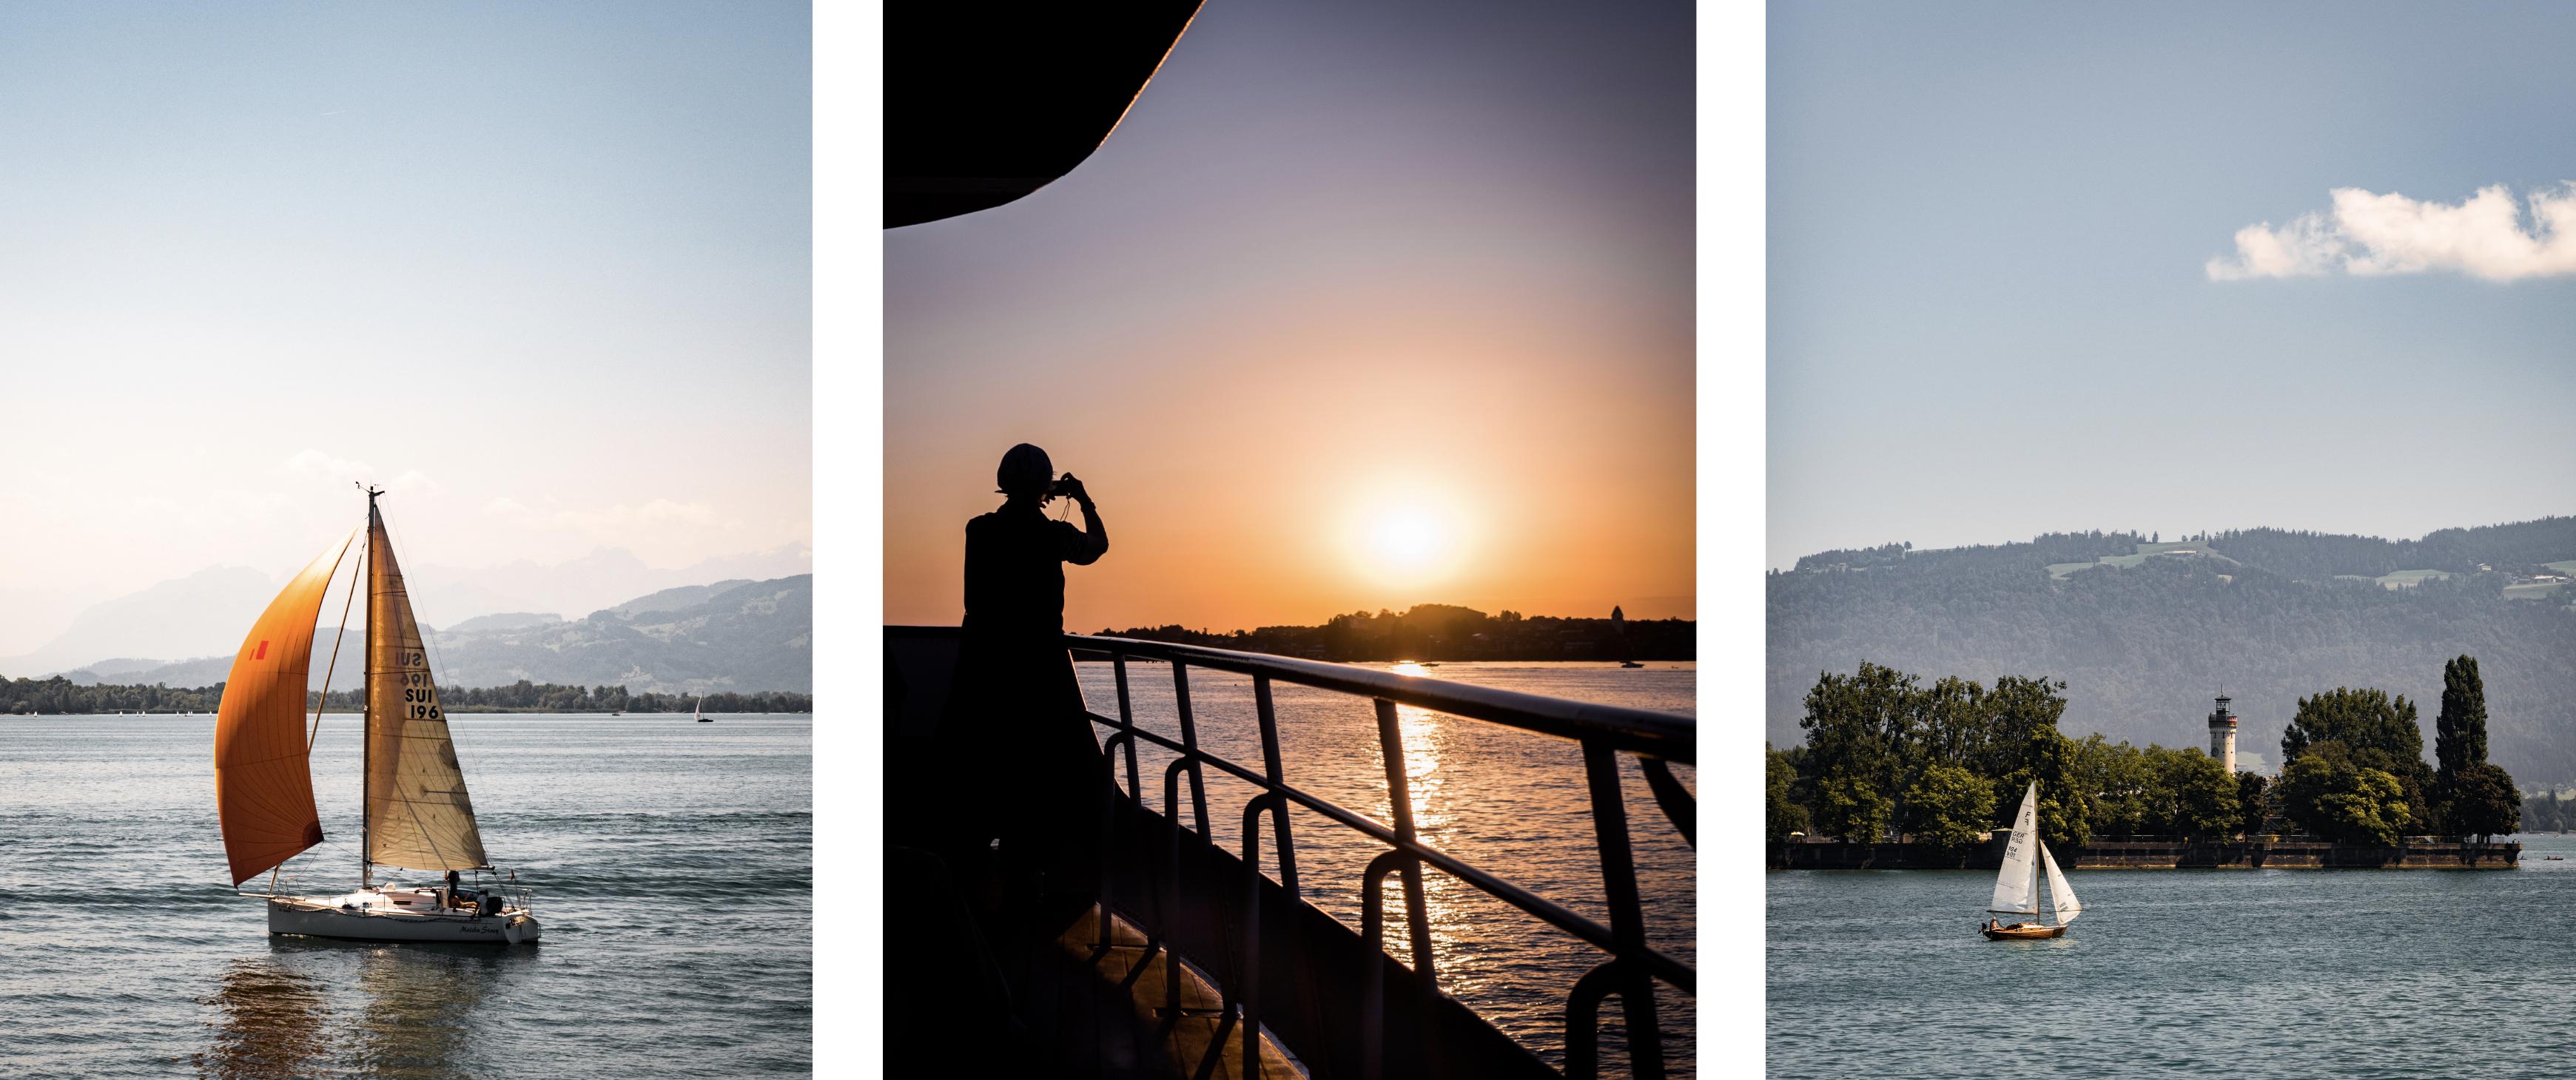 se déplacer sur le lac de Constance - que voir sur le lac de Constance - visiter le lac de Constance en bateau